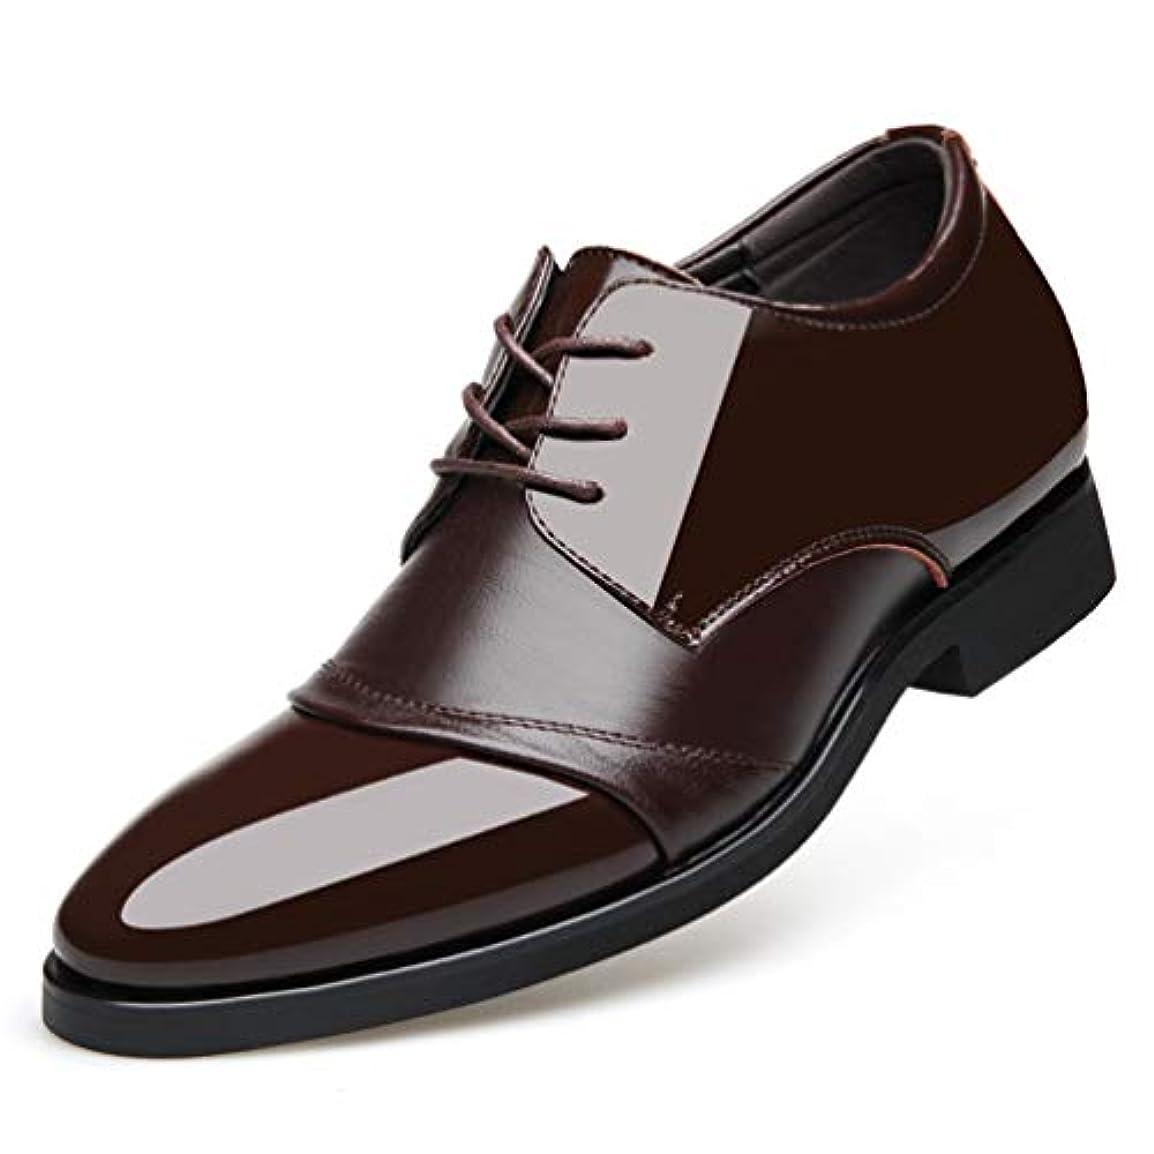 徐々にキリンスパイラル[カタク]ビジネスシューズ シークレットシューズ メンズ 結婚式 誕生日 成人式 プレゼント 6cm背が高くなる靴 身長アップ カジュアル 通気 トールシューズ 23.5-26.5cm 黒 茶色